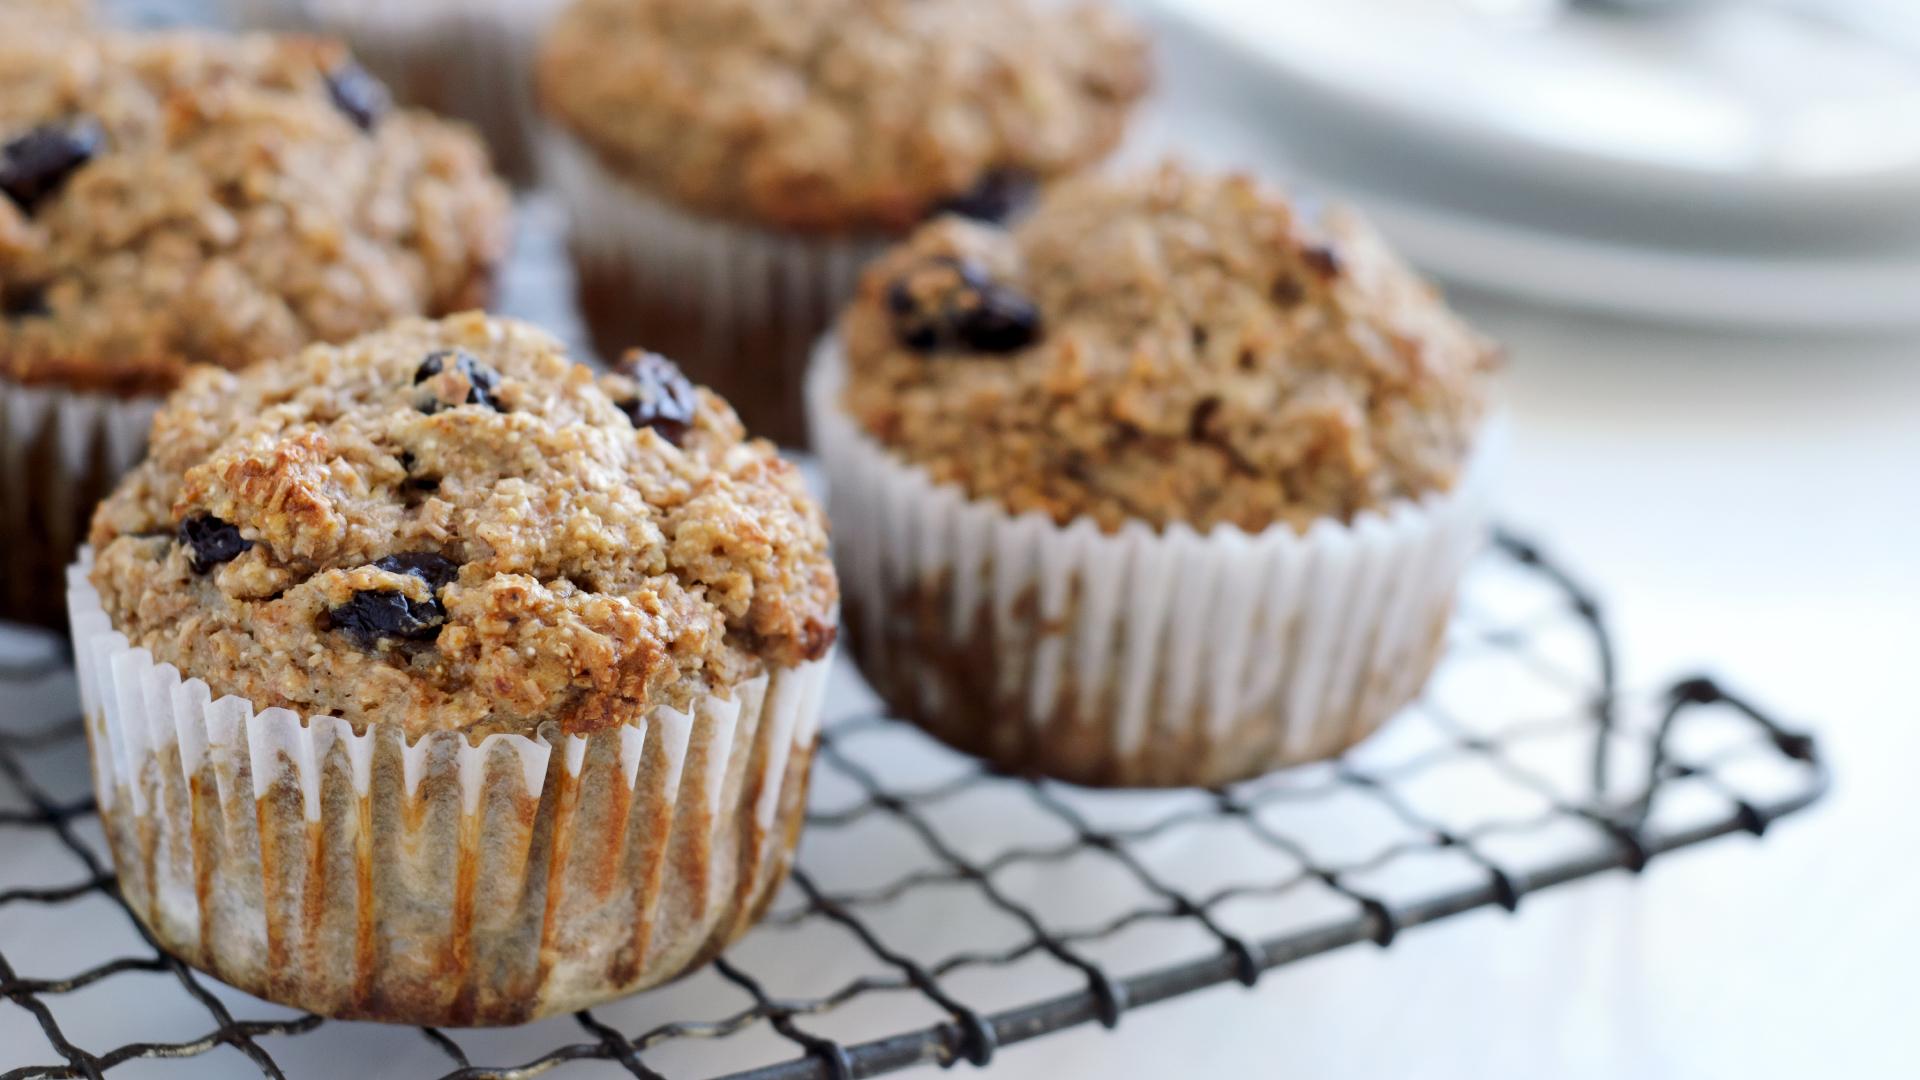 Buttermilk blueberry muffins